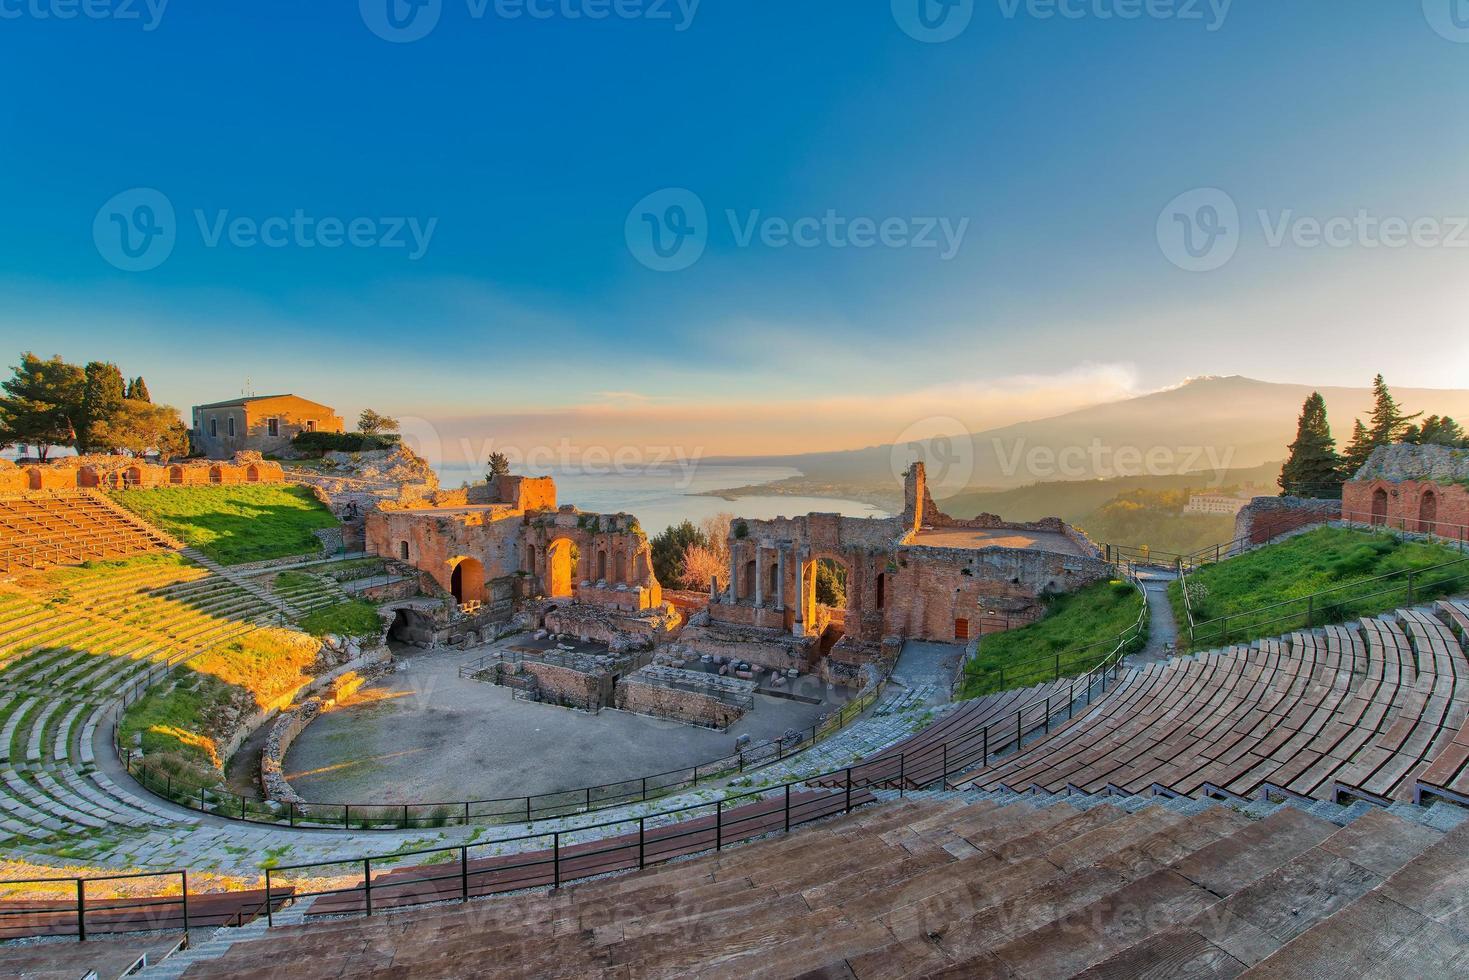 altes Theater von Taormina mit Ätna ausbrechendem Vulkan bei Sonnenuntergang foto